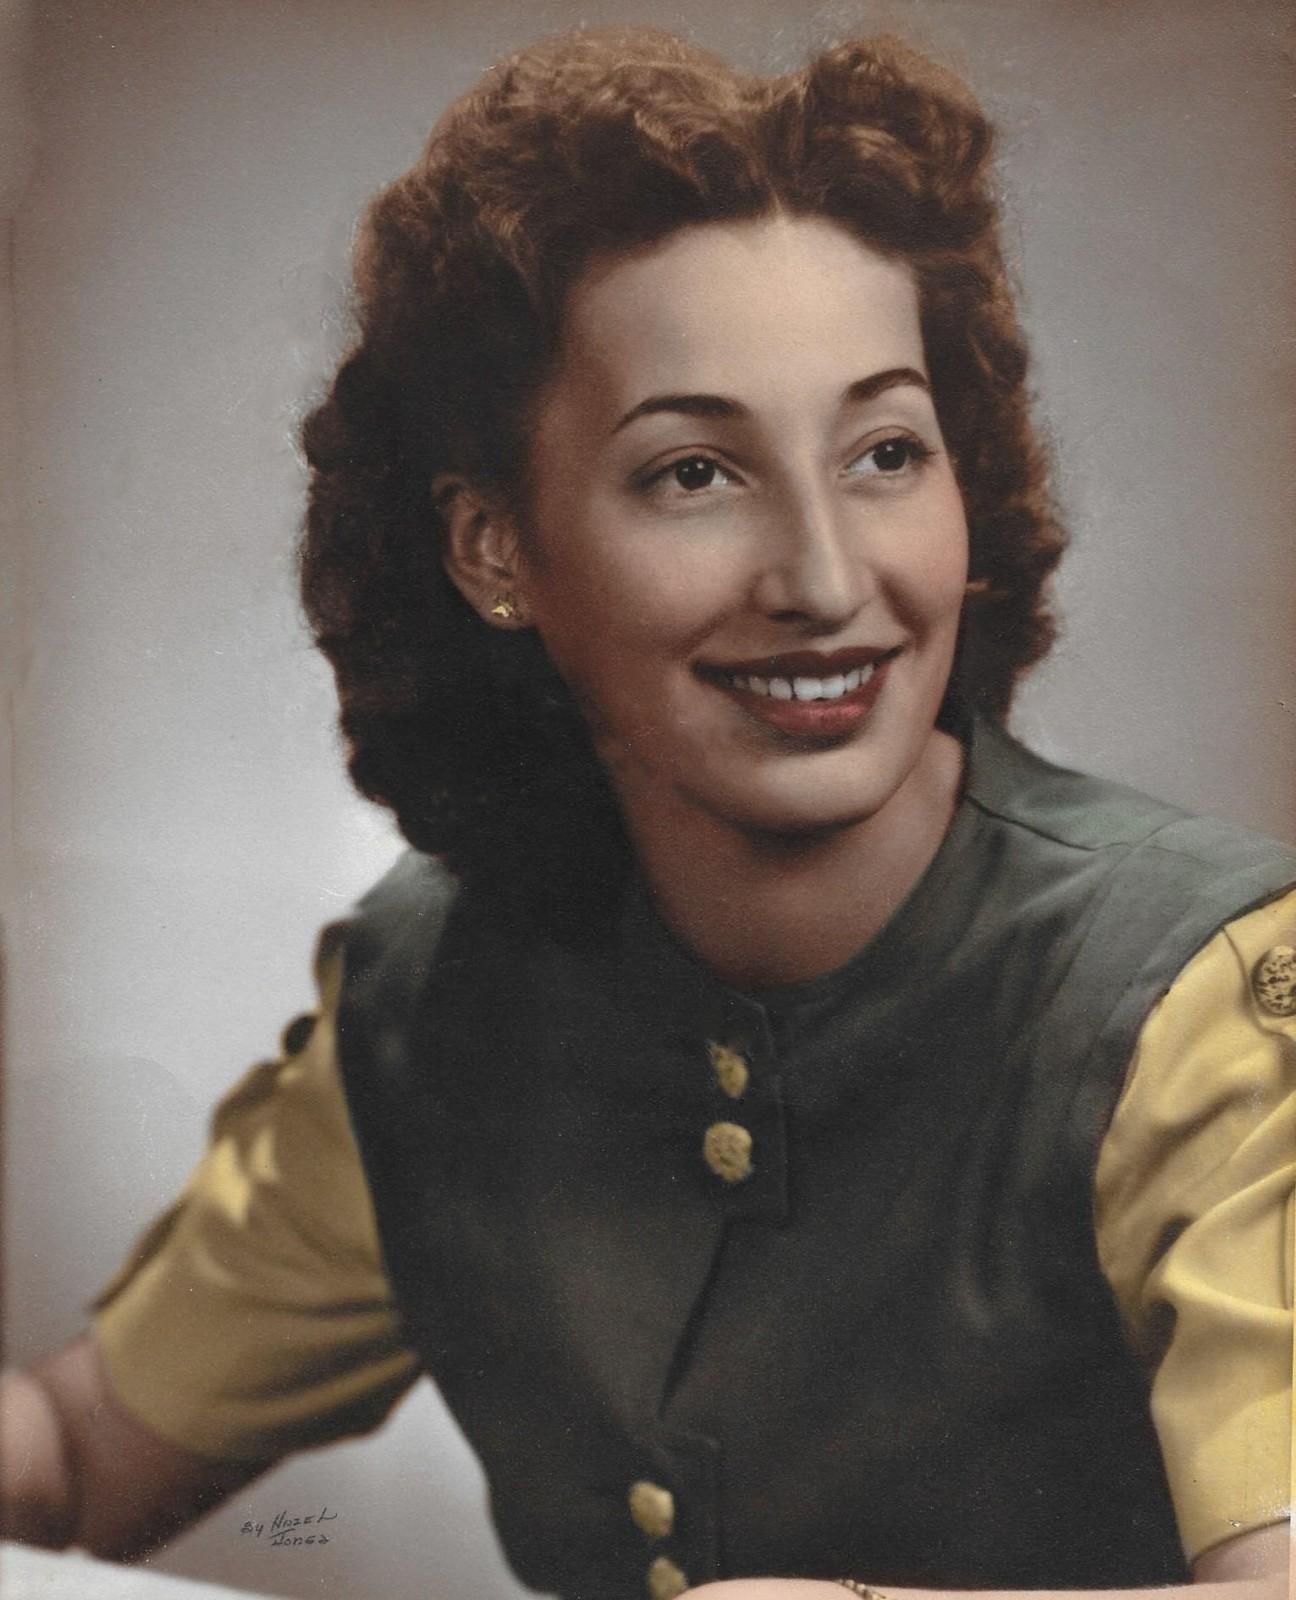 Kathleen F. Reeter Waddell